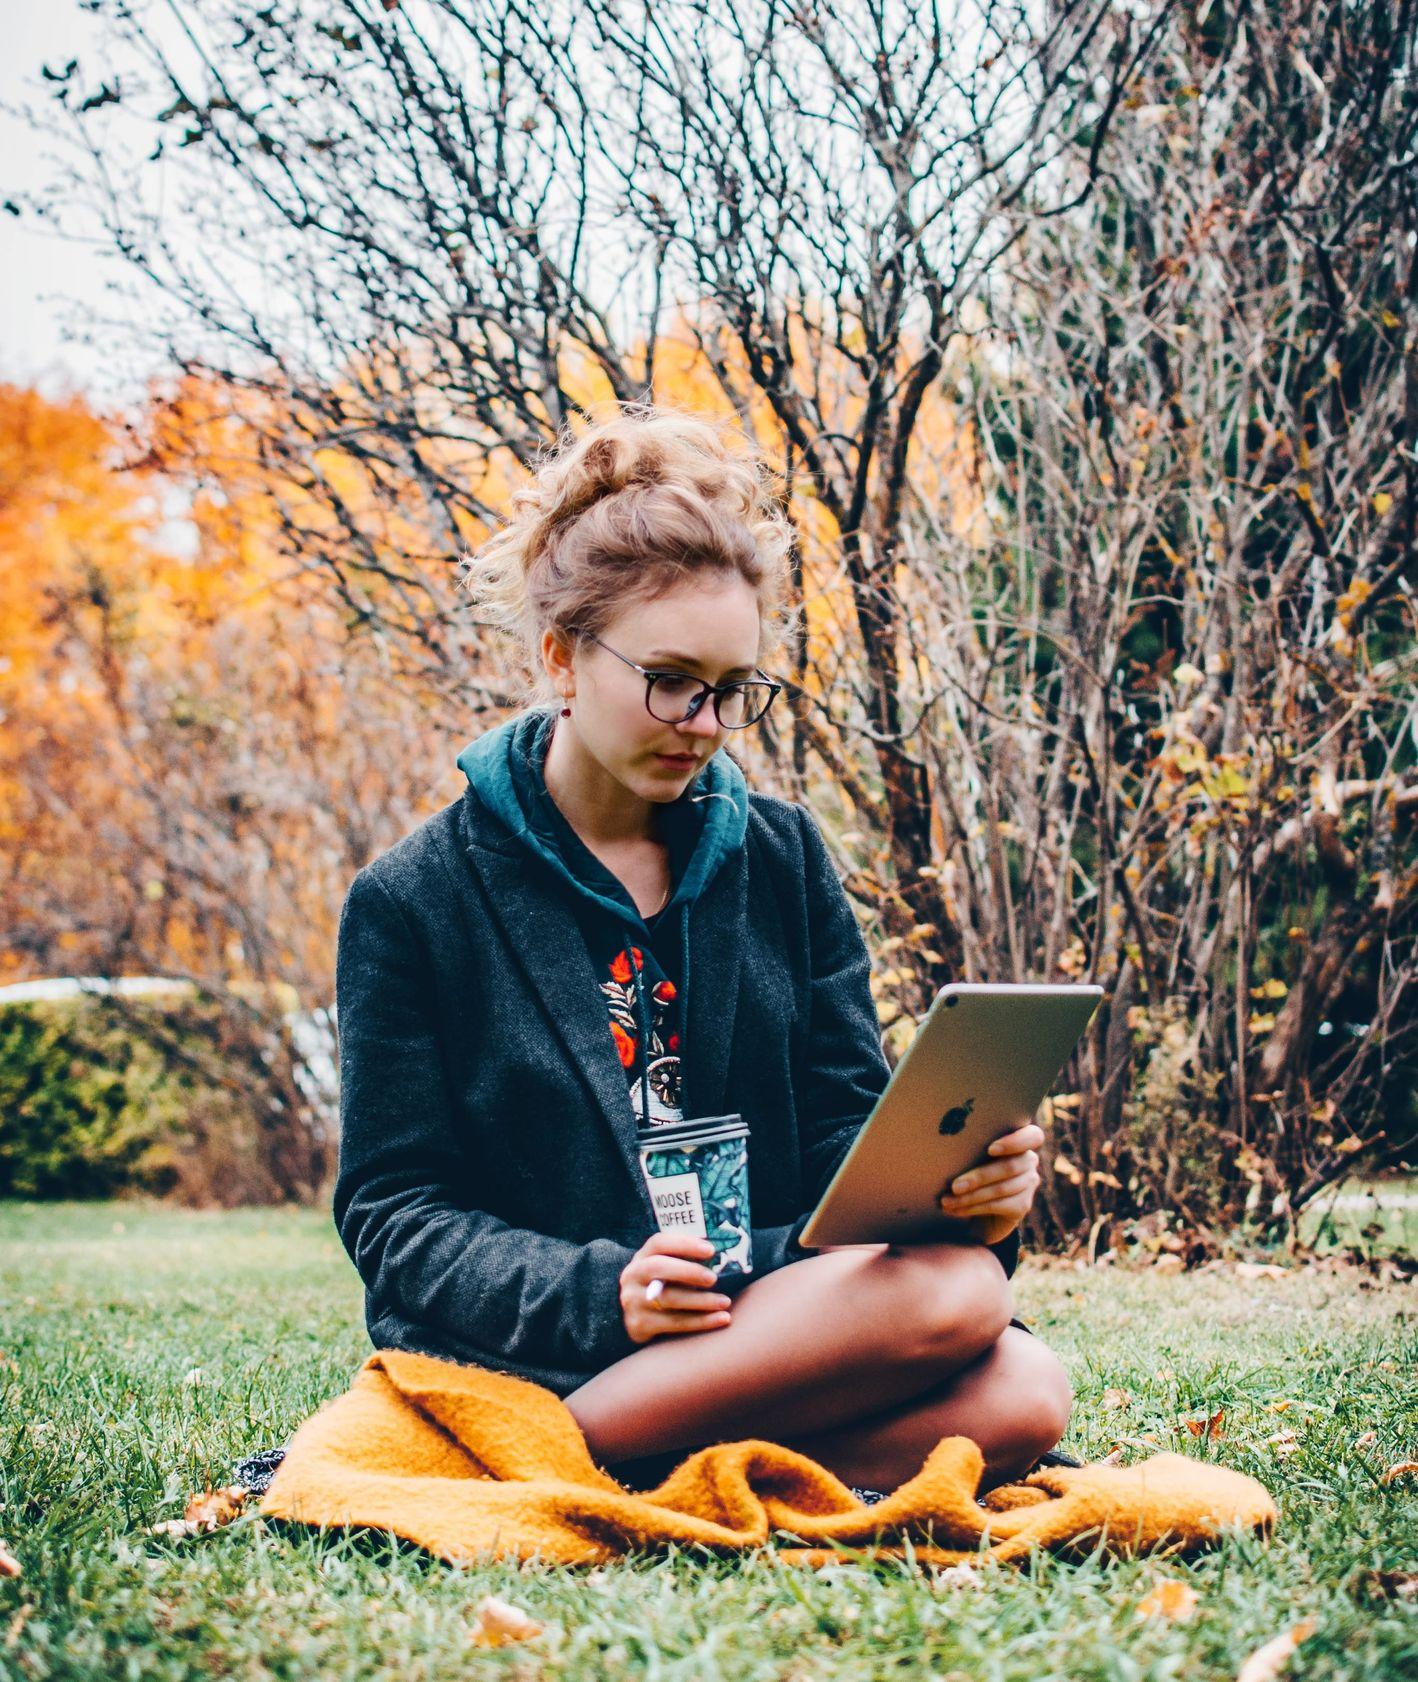 Dziewczyna czytająca ebook w ogrodzie (fot. Nikita Katsevich / unsplash.com)